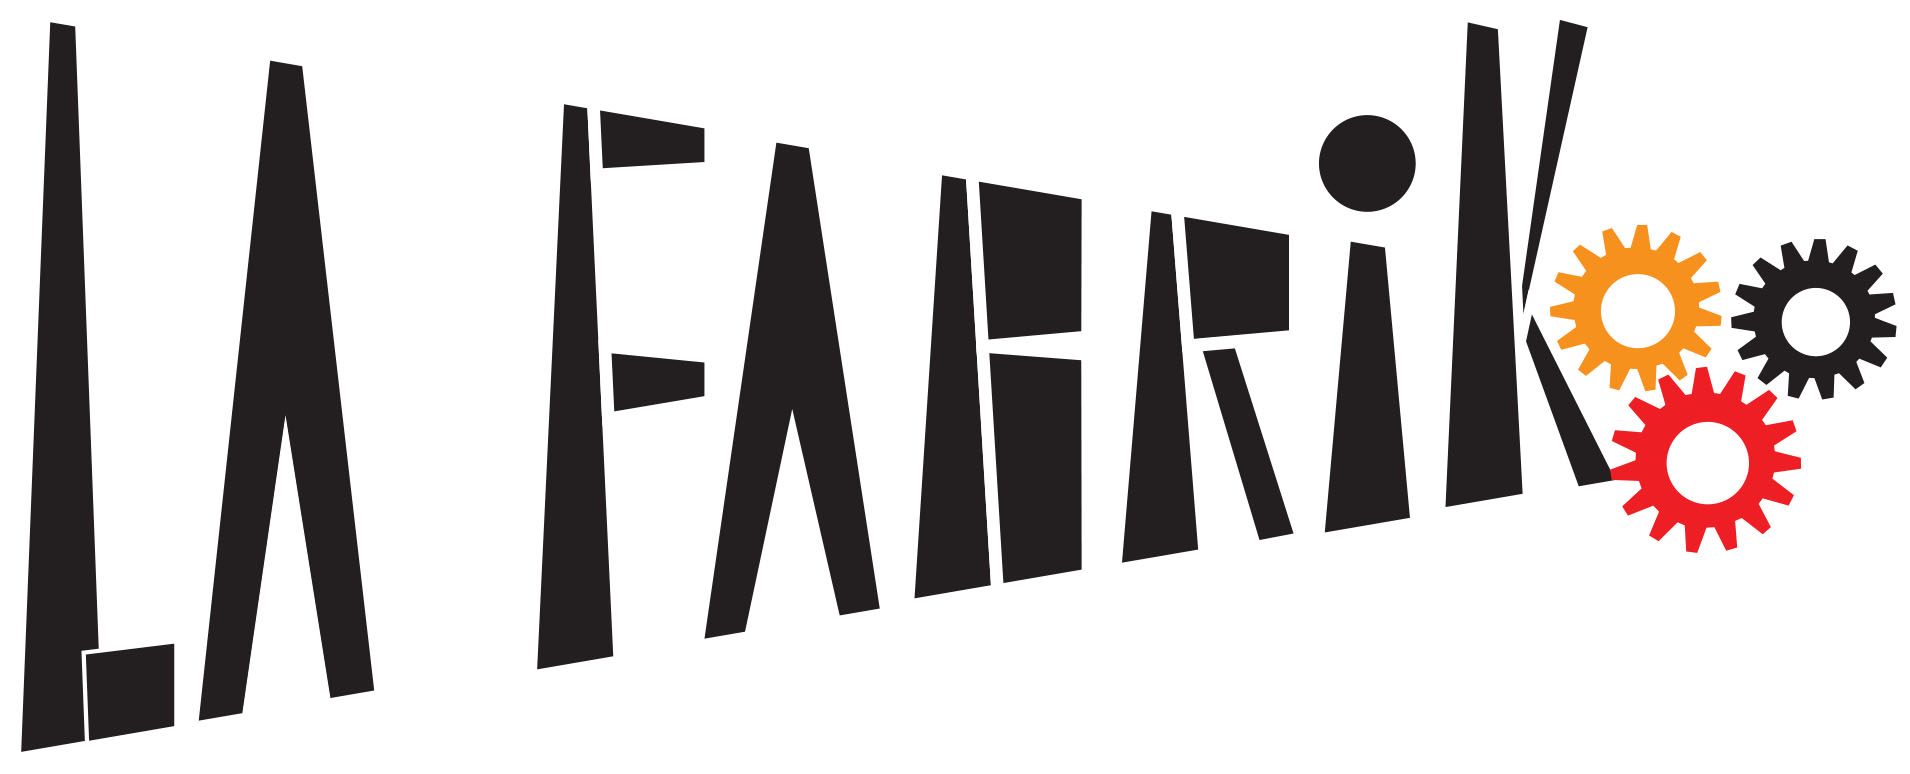 Je soutiens la Fabrik Coopérative et j'adhére à ses actions. - TRAVERSES-PARCOURS